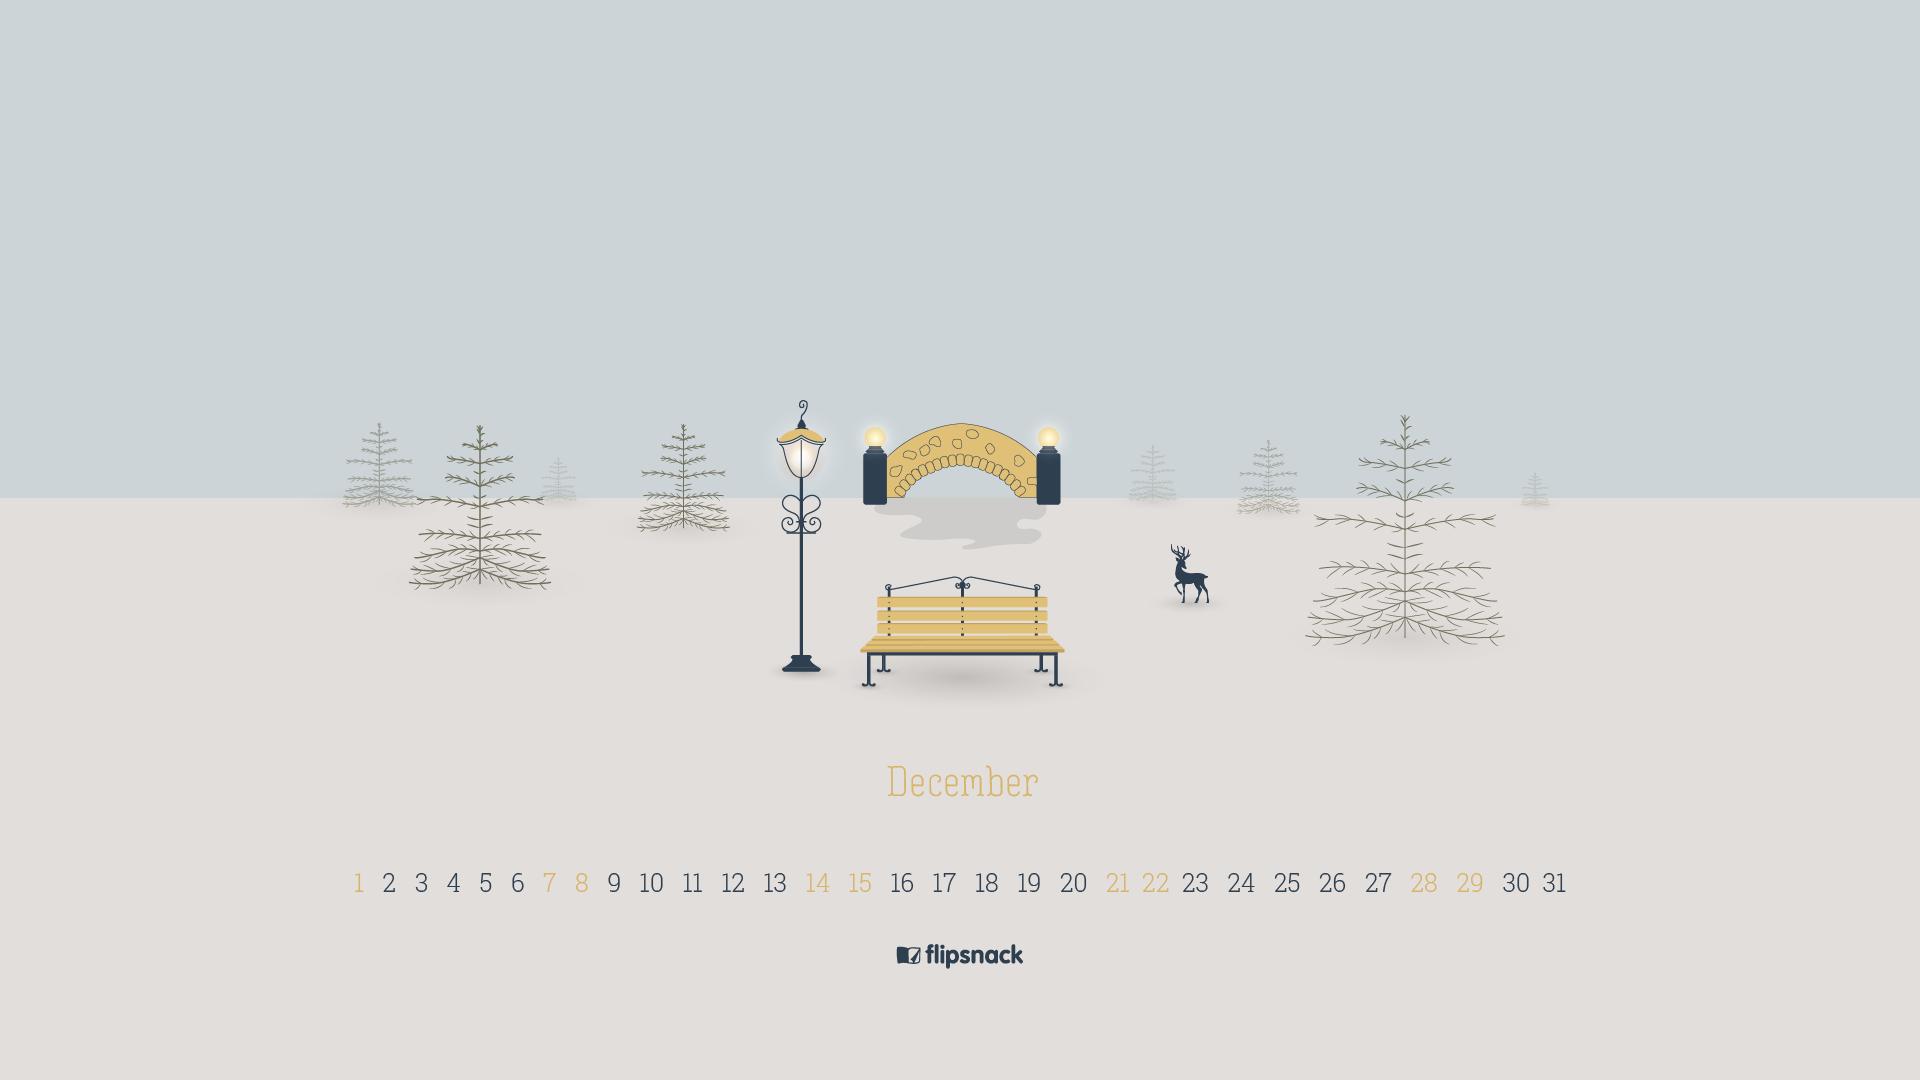 free december 2019 wallpaper calendar